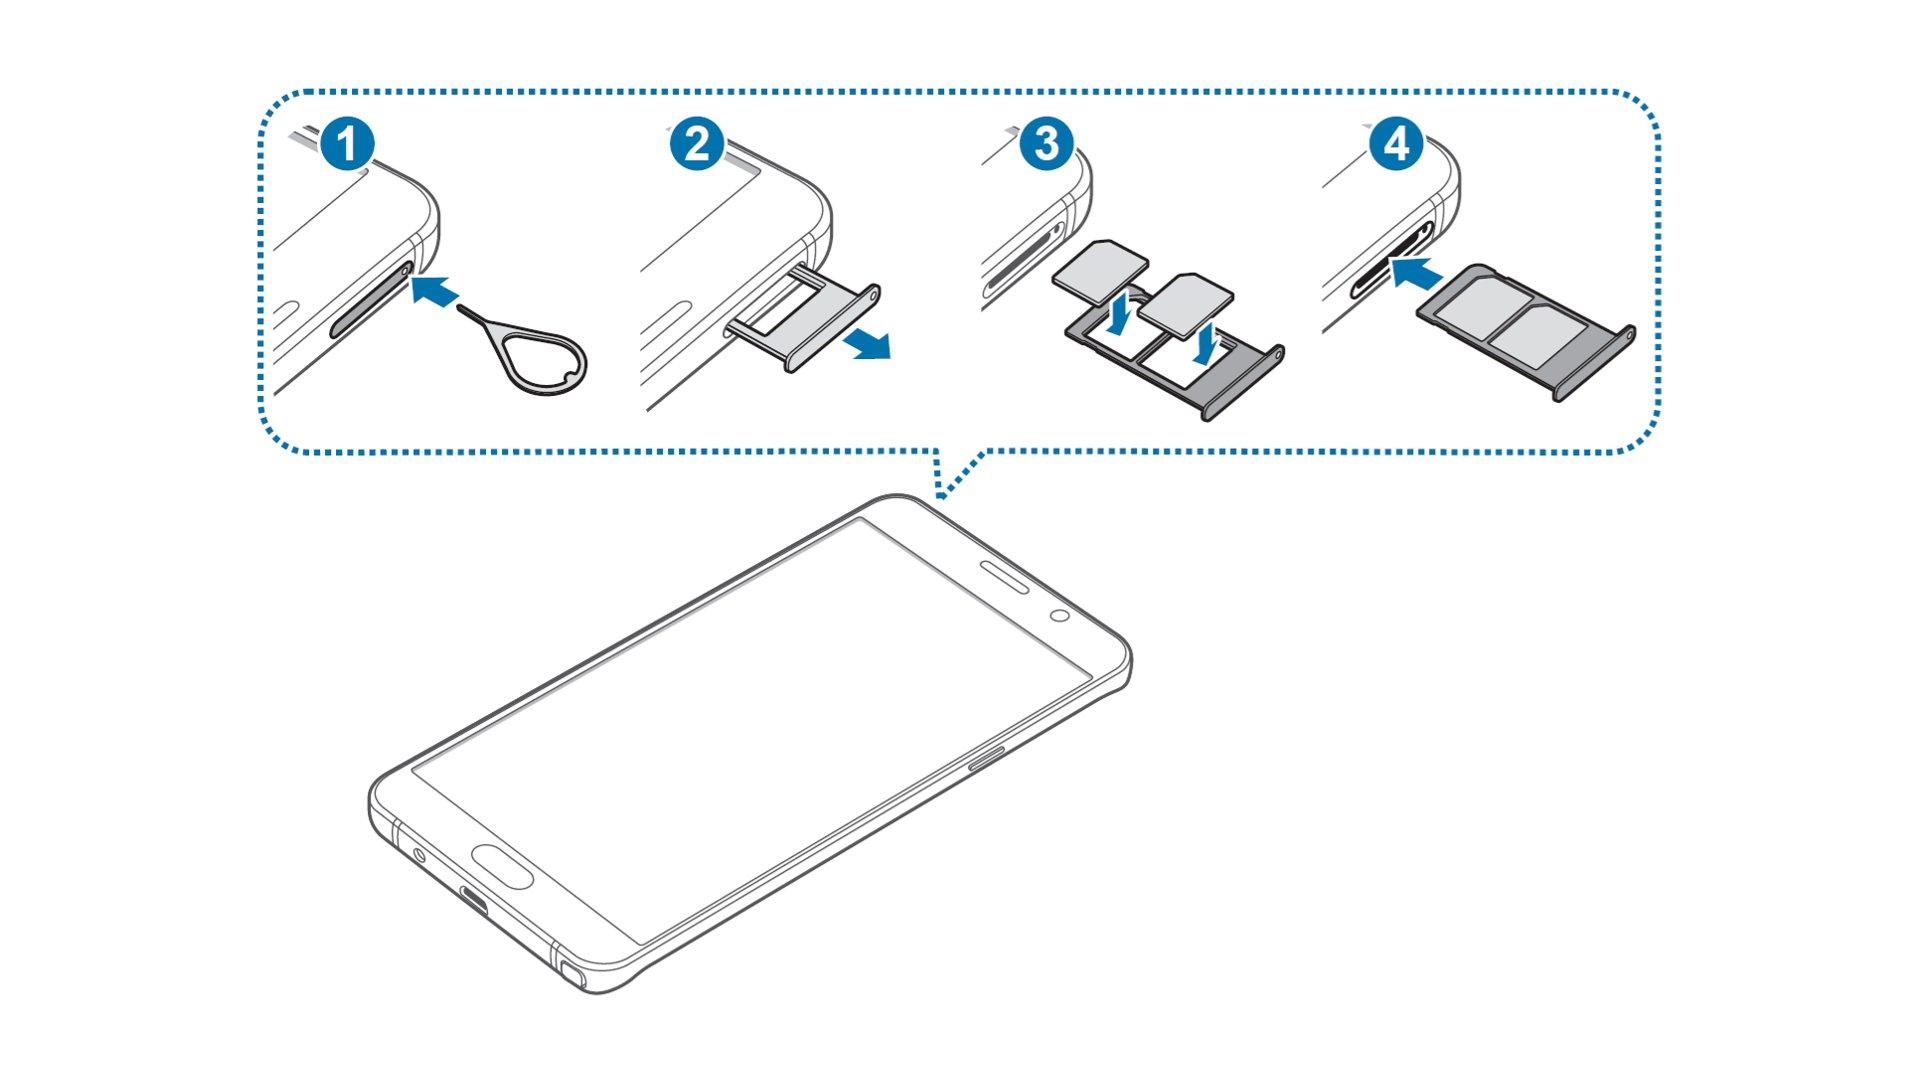 Samsung Galaxy Note 5 - Insert SIM Card In Dual SIM Model